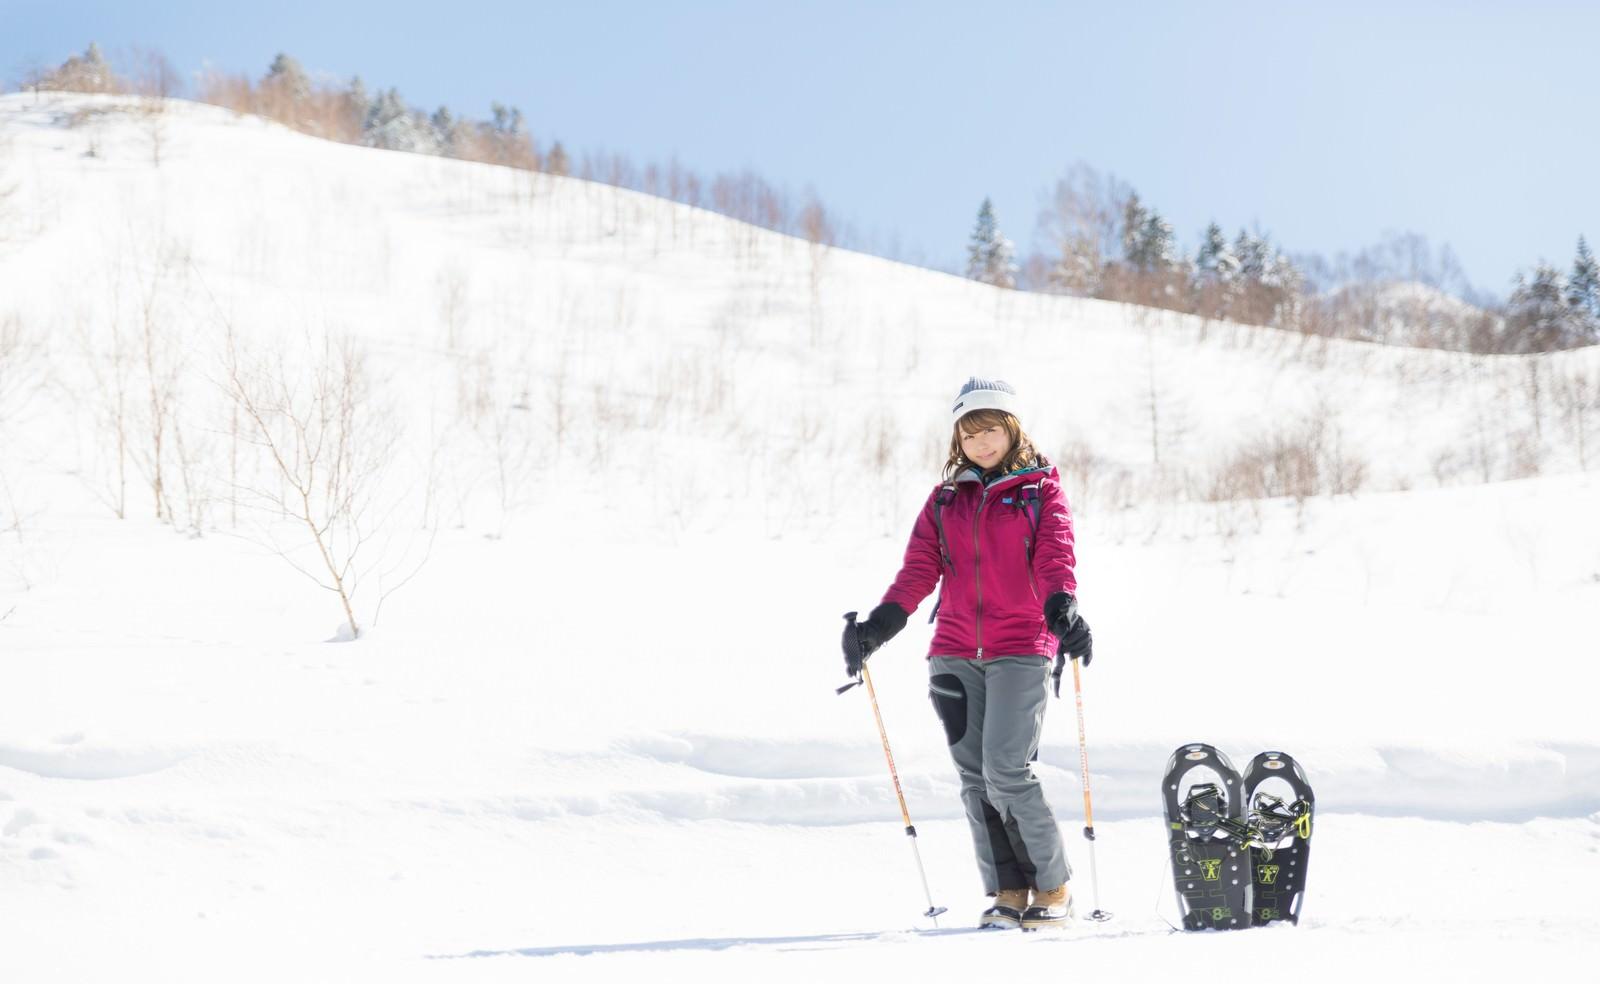 「本日は平湯温泉スキー場からお送りします本日は平湯温泉スキー場からお送りします」[モデル:茜さや]のフリー写真素材を拡大